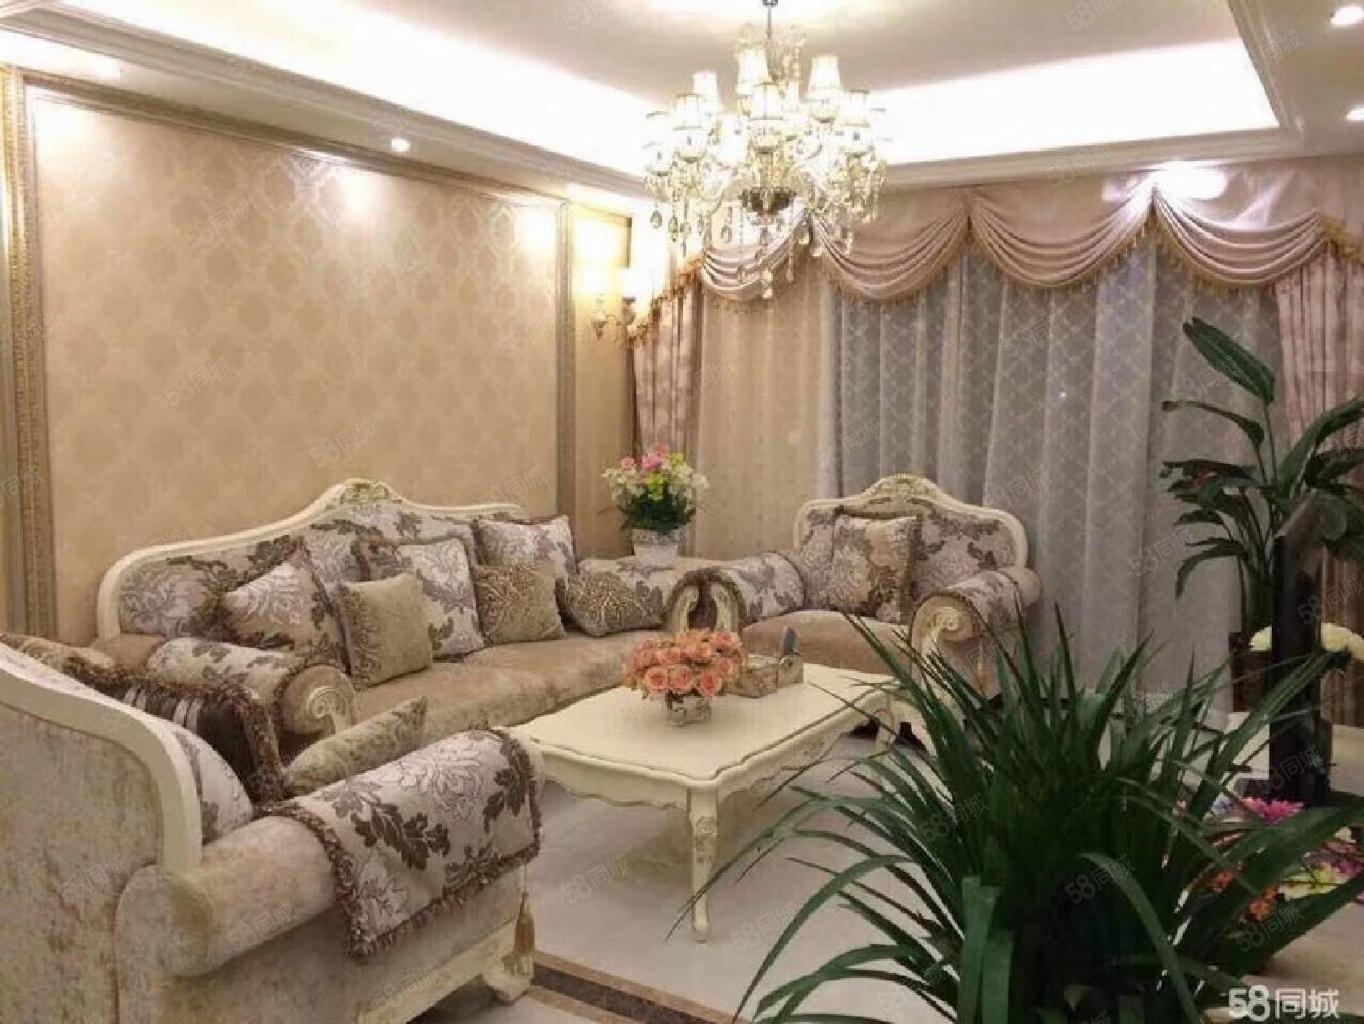 威尼斯人注册国际豪华欧式装修品牌家具家电拎包入住房东诚心出租